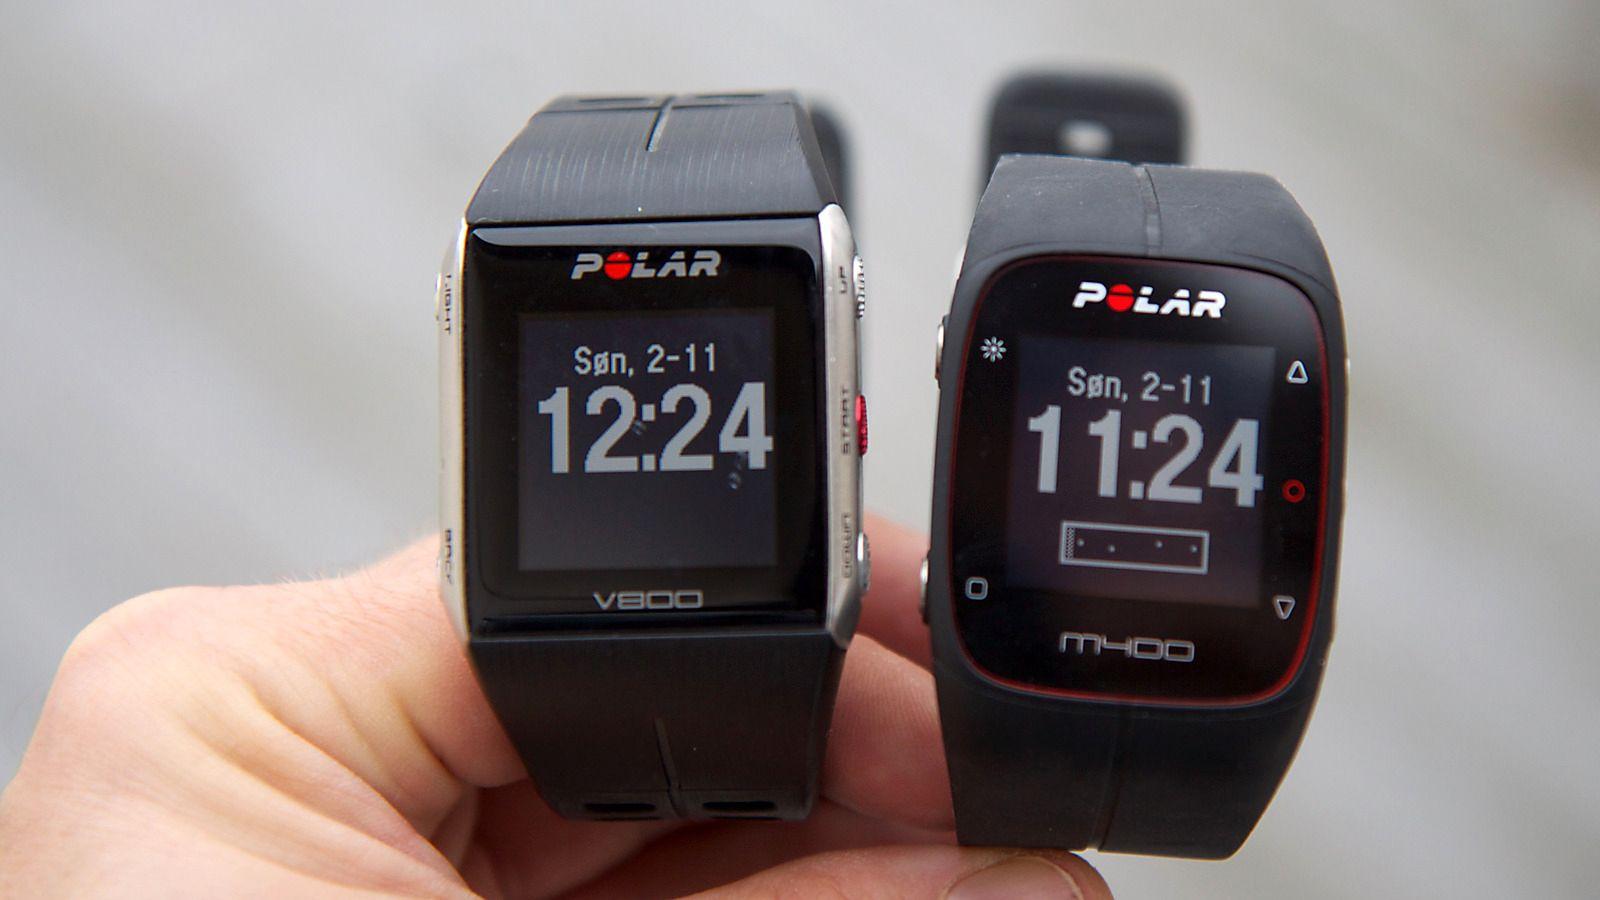 Polar M400 (til høyre) har mange likheter med Polar V800, men produsenten har lagt mer vekt på funksjoner